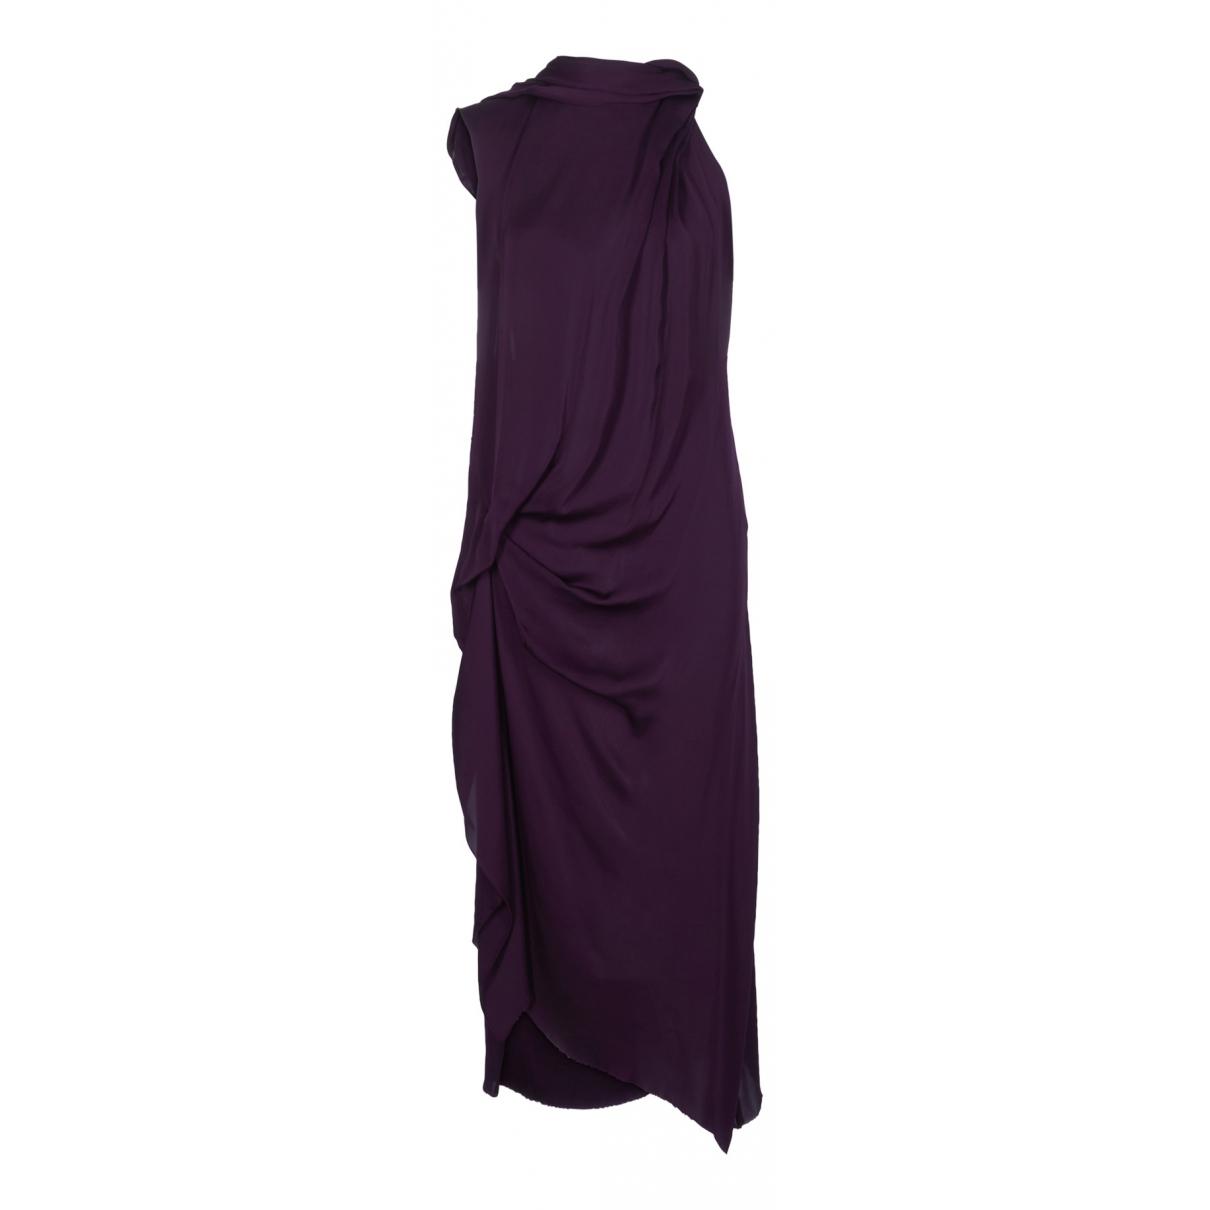 Lanvin N Purple Silk dress for Women 12 UK